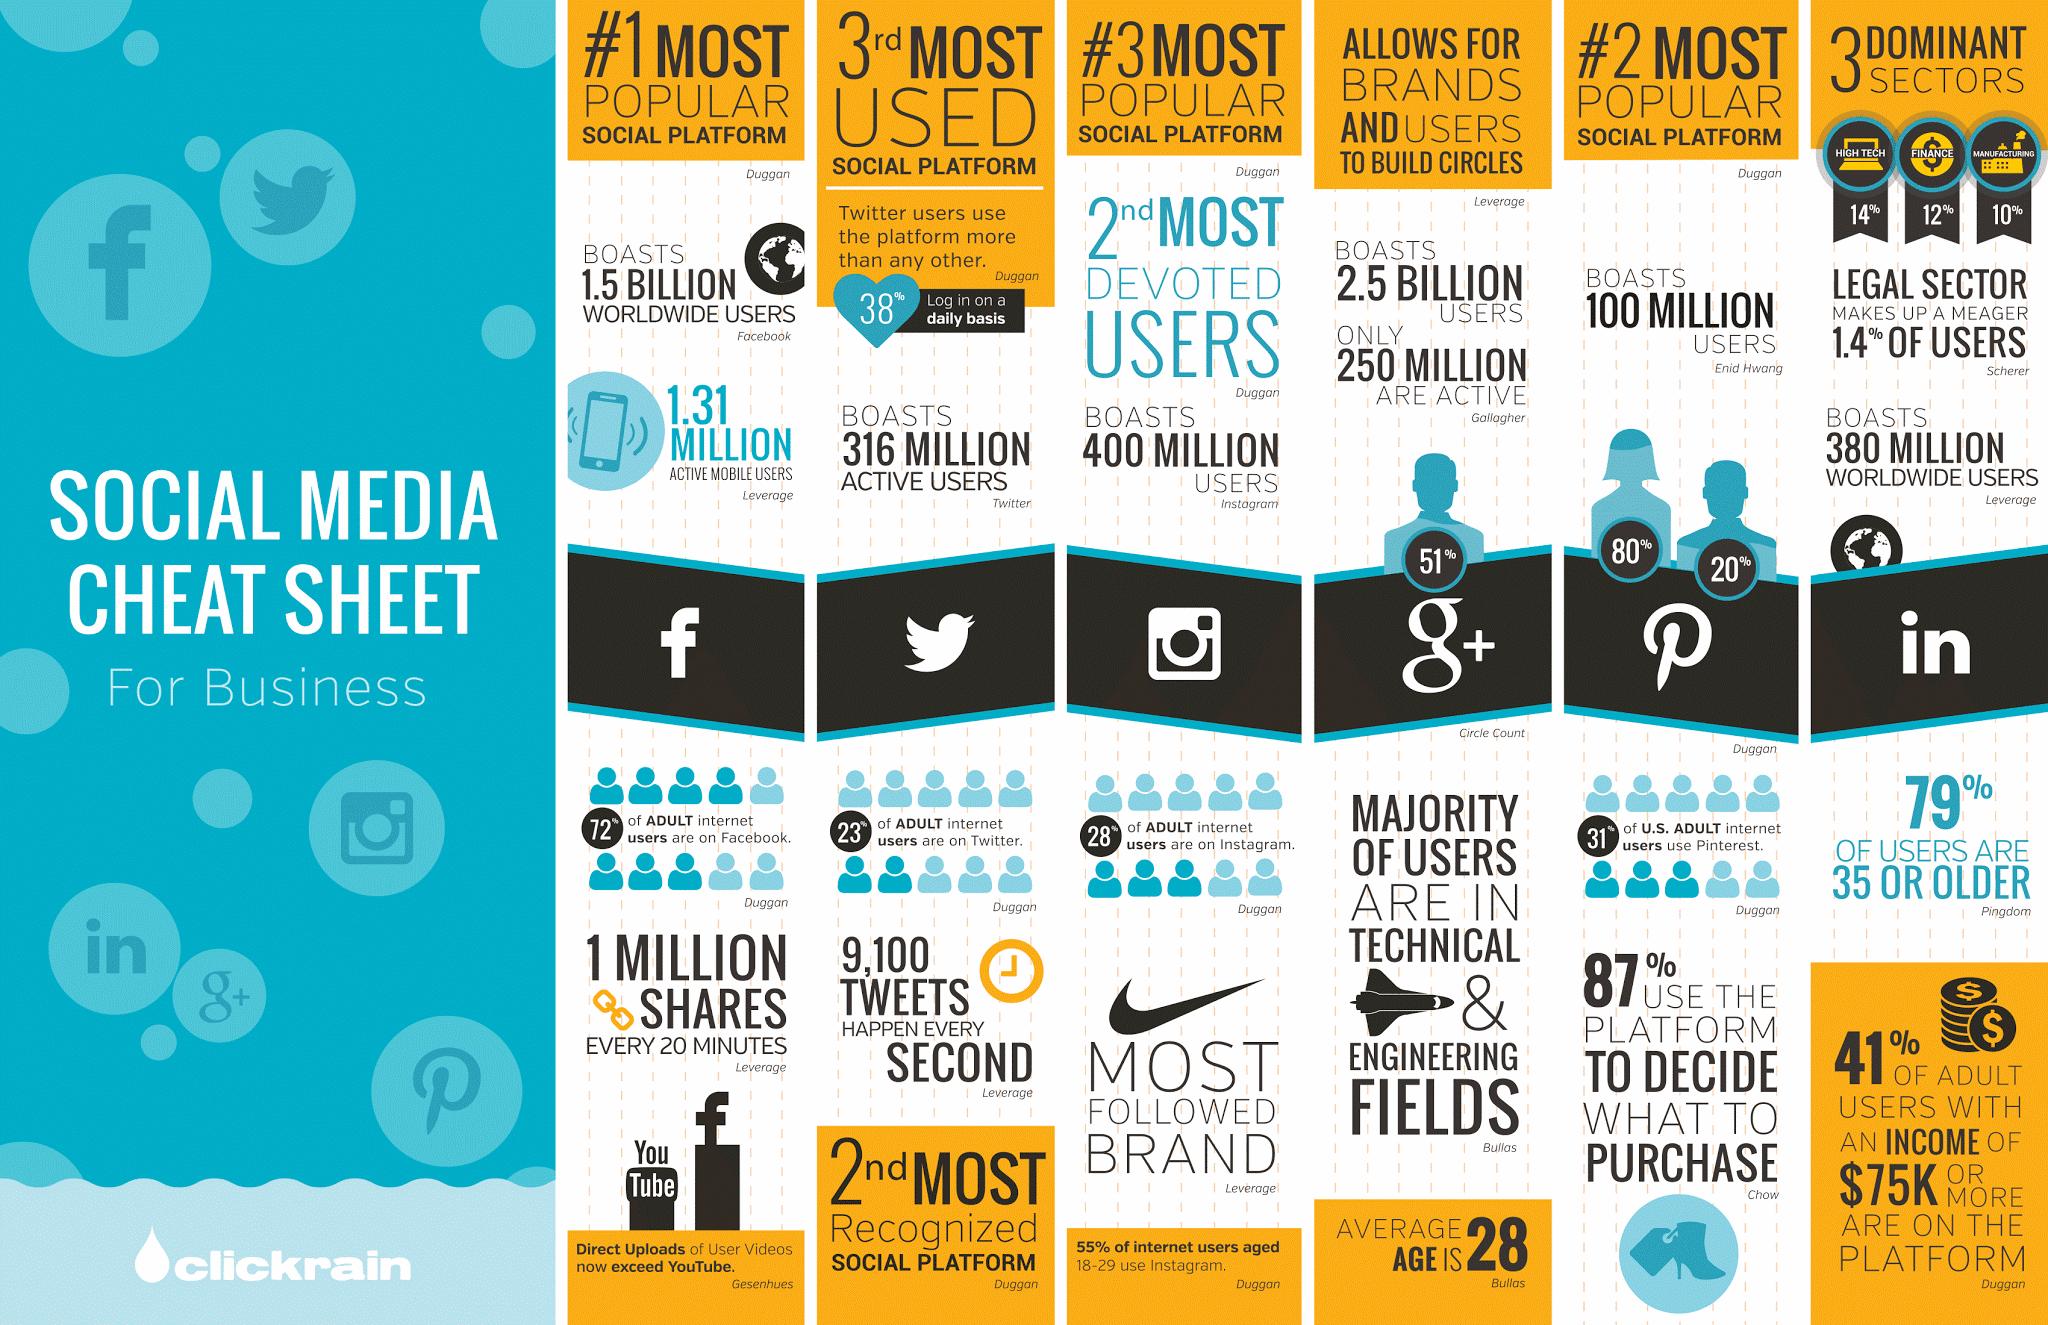 ¿En qué redes sociales debería tener presencia? Hoja de ayuda para negocios